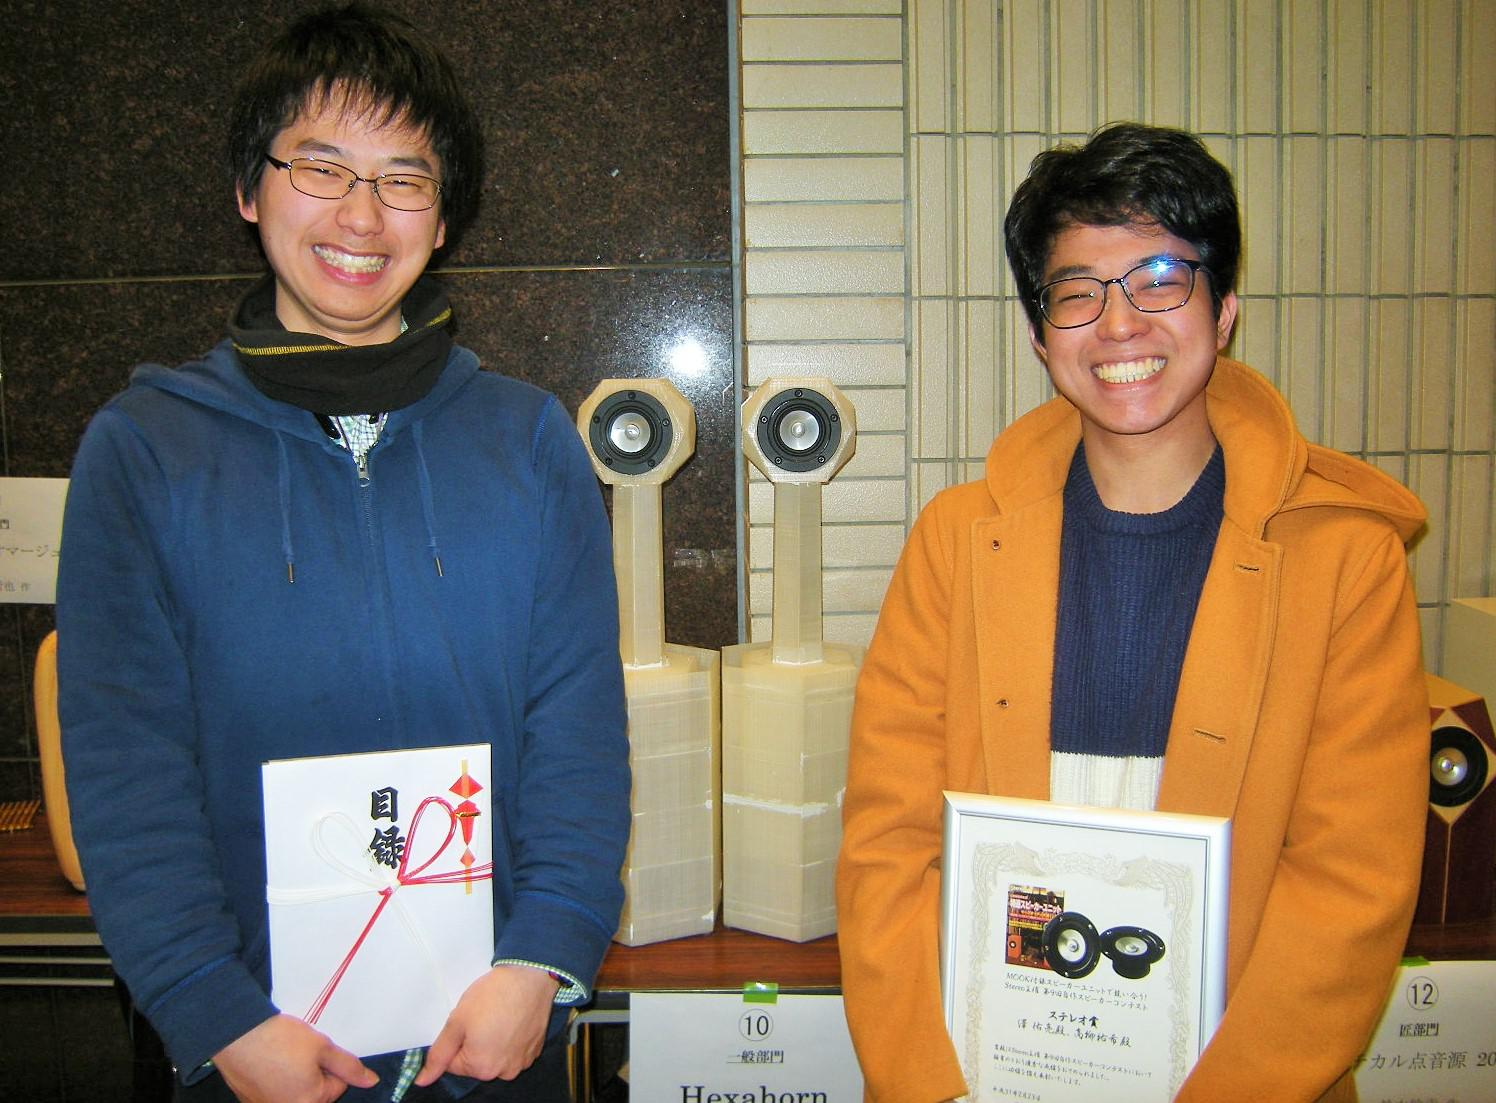 受賞作品の前で喜びの表情の高柳さん(左)と澤さん(右)